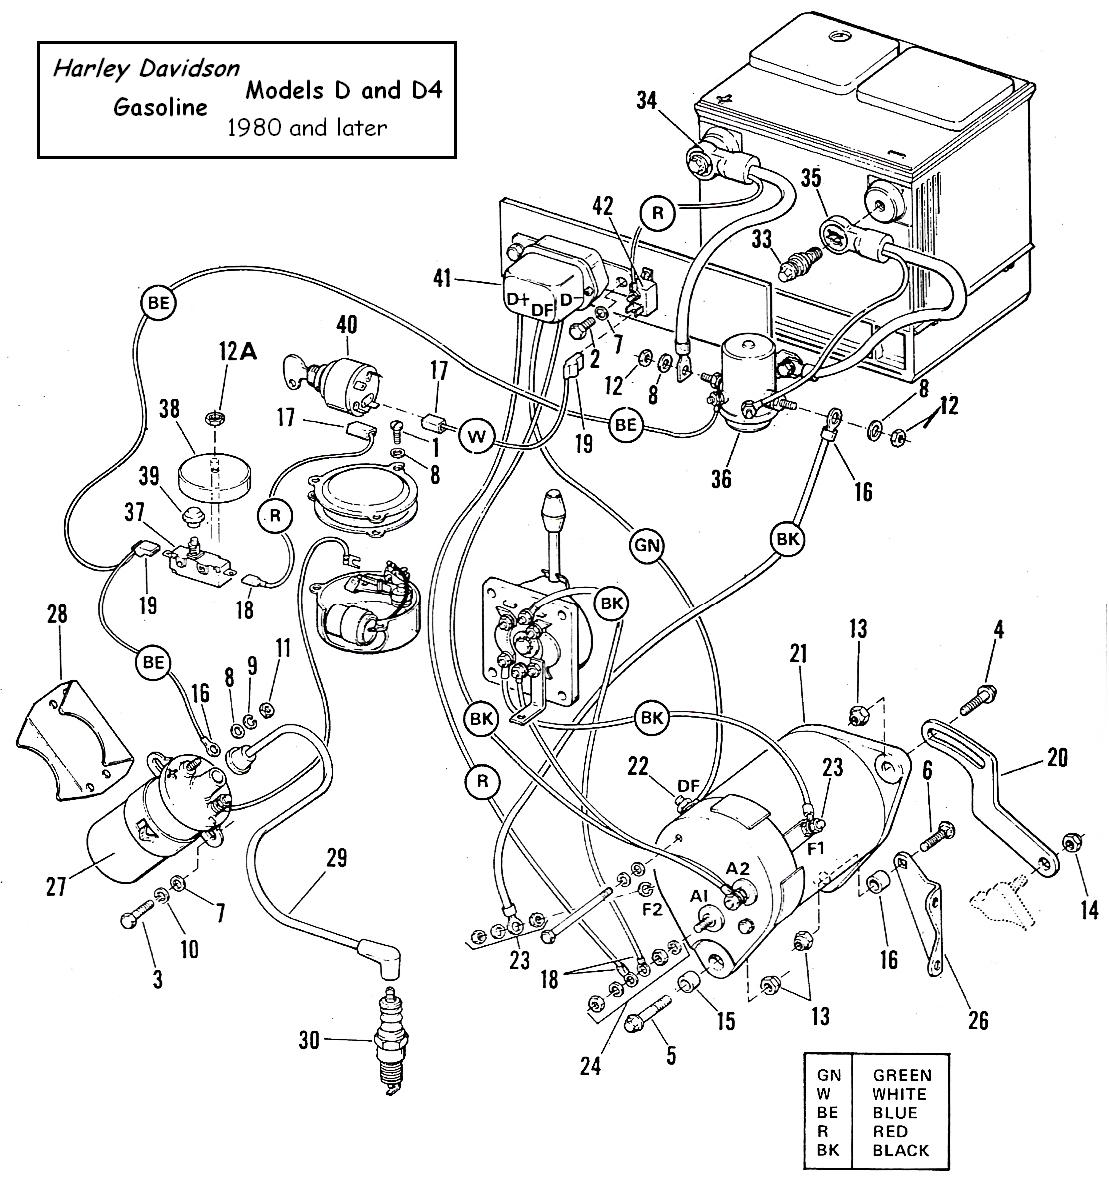 Harley Davidson Gas Golf Cart Wiring Diagram | Wiring Diagram - Harley Davidson Wiring Diagram